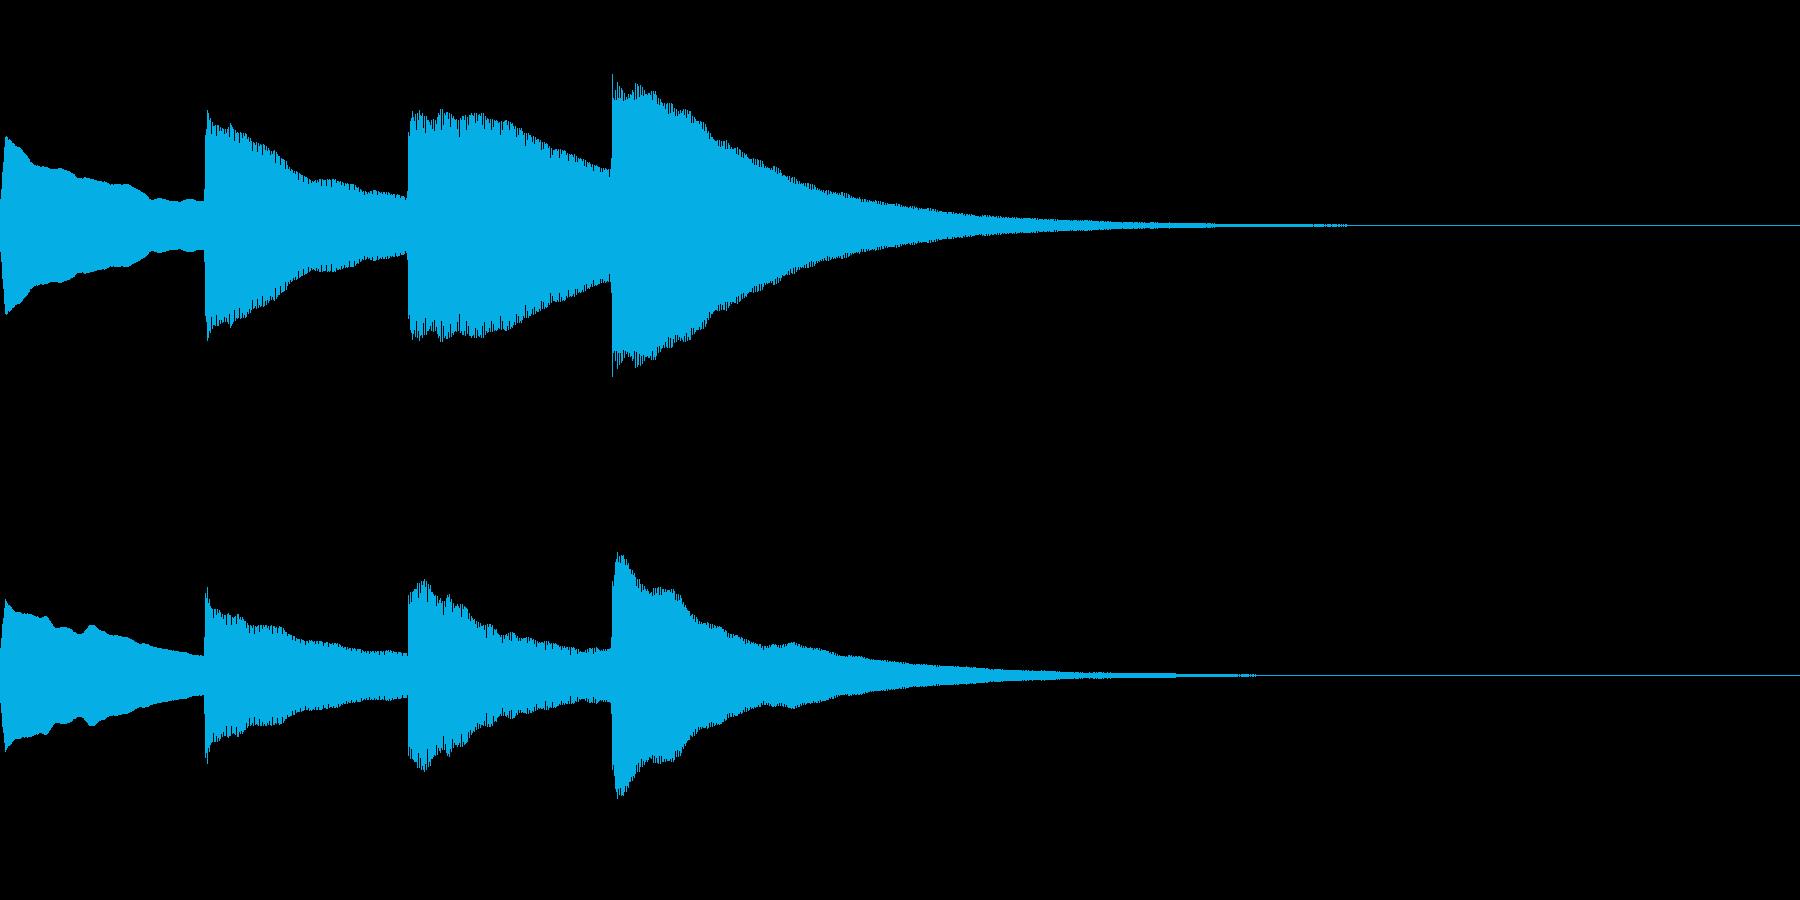 お知らせ・アナウンス音B上昇(遅め)05の再生済みの波形